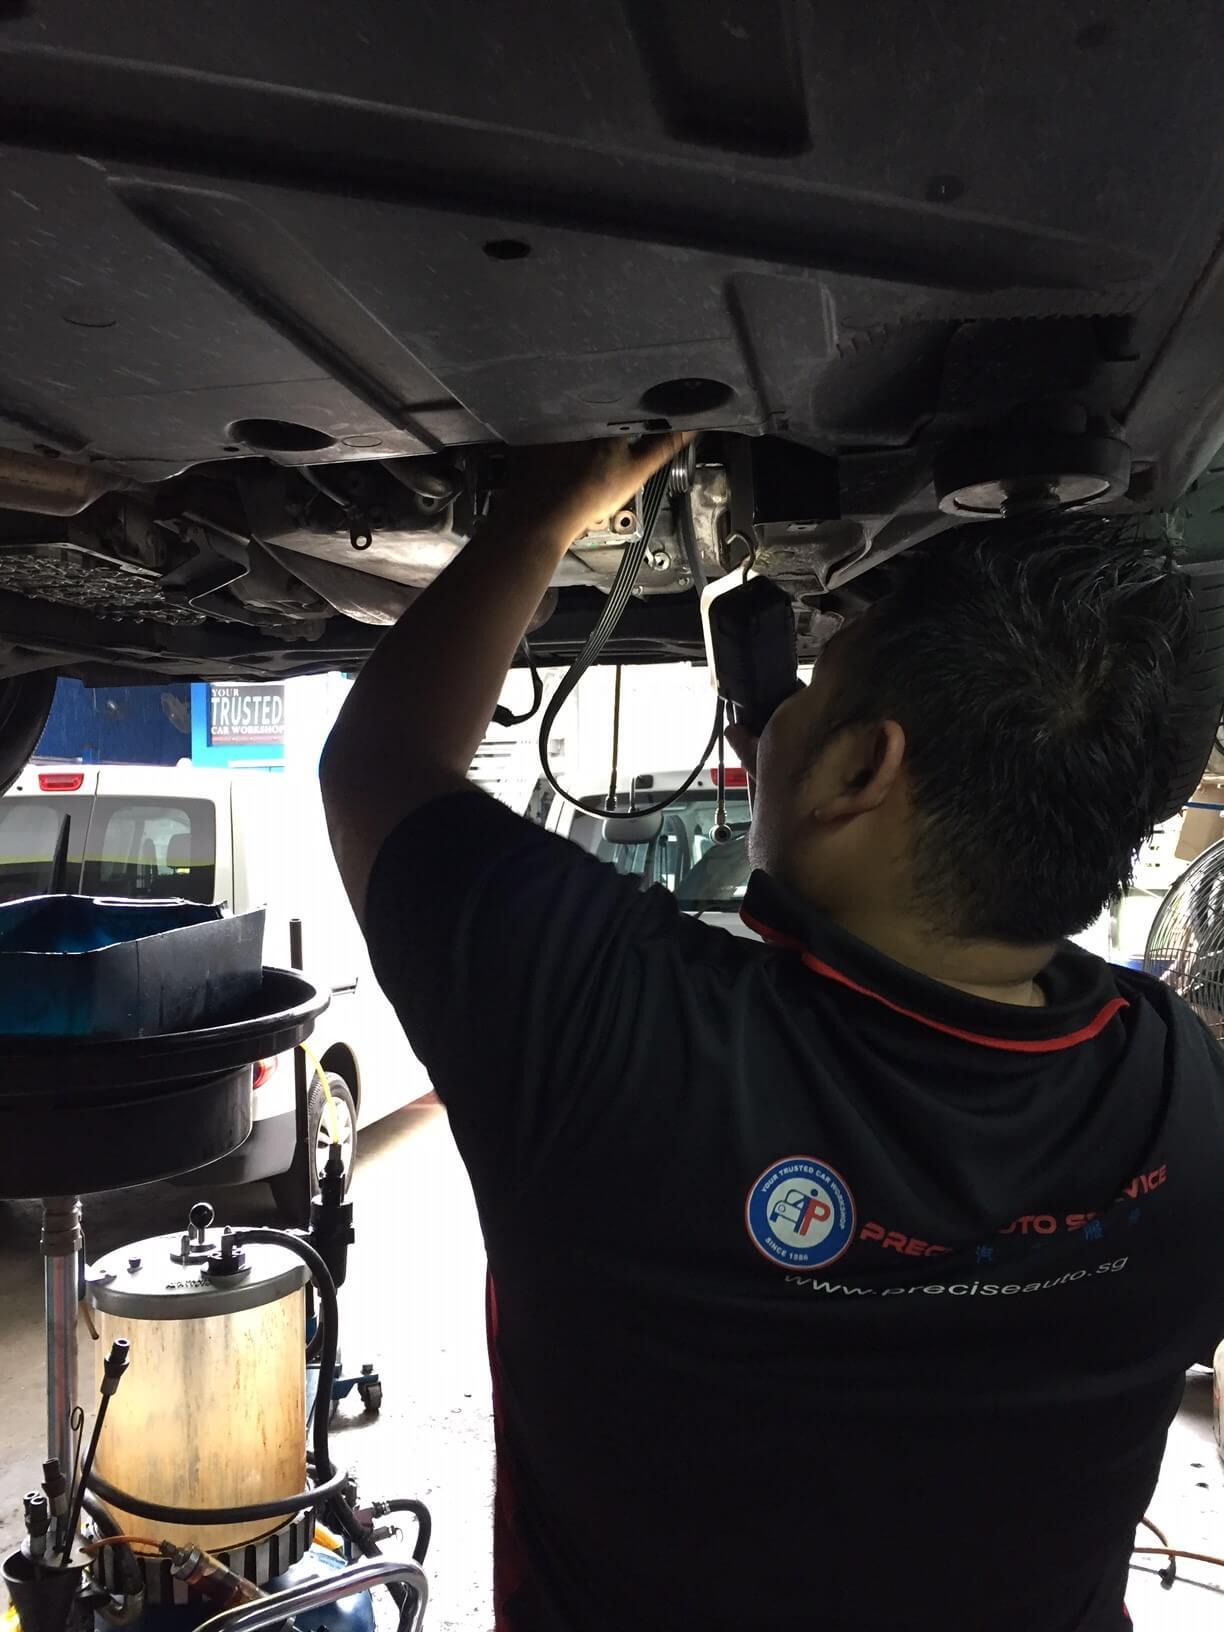 Removing the fan belt and fan belt pulley